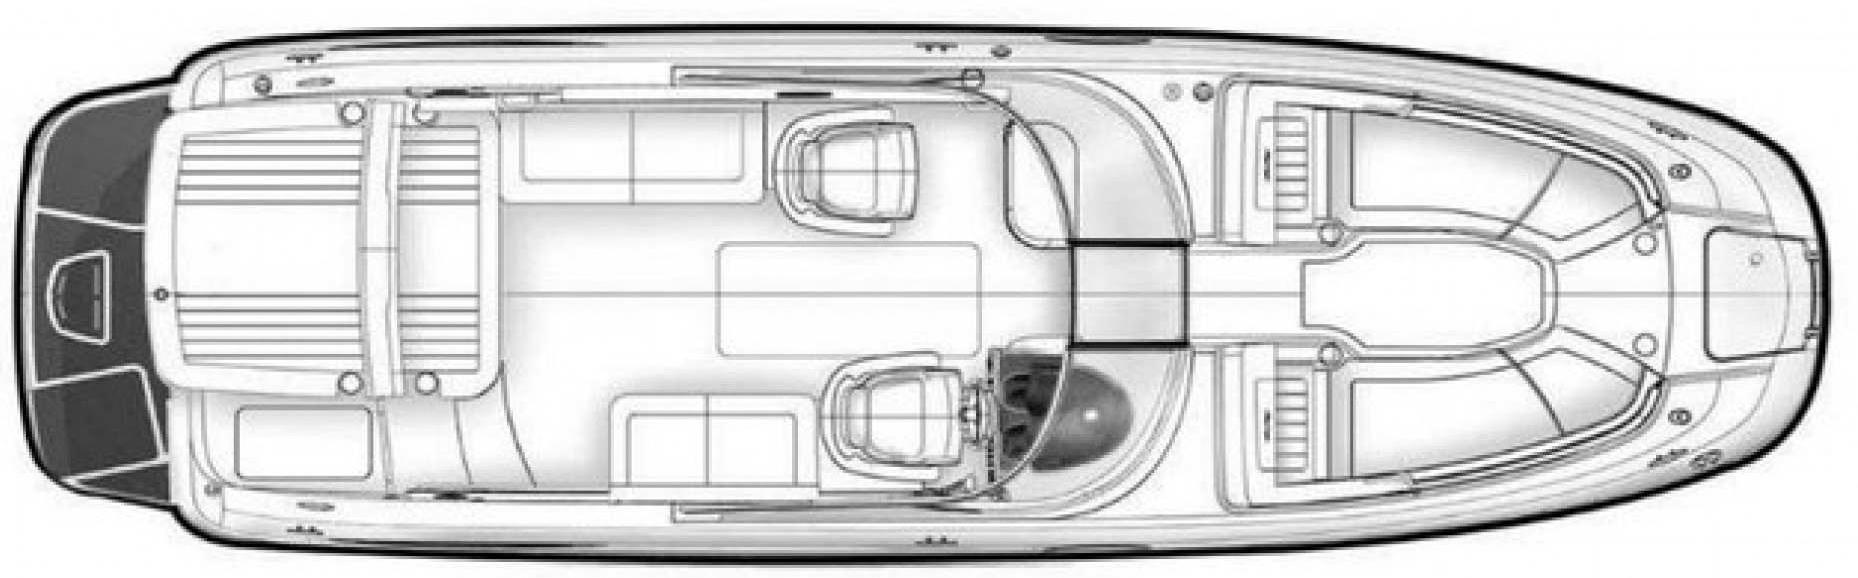 280 Sundeck Floor Plan 1